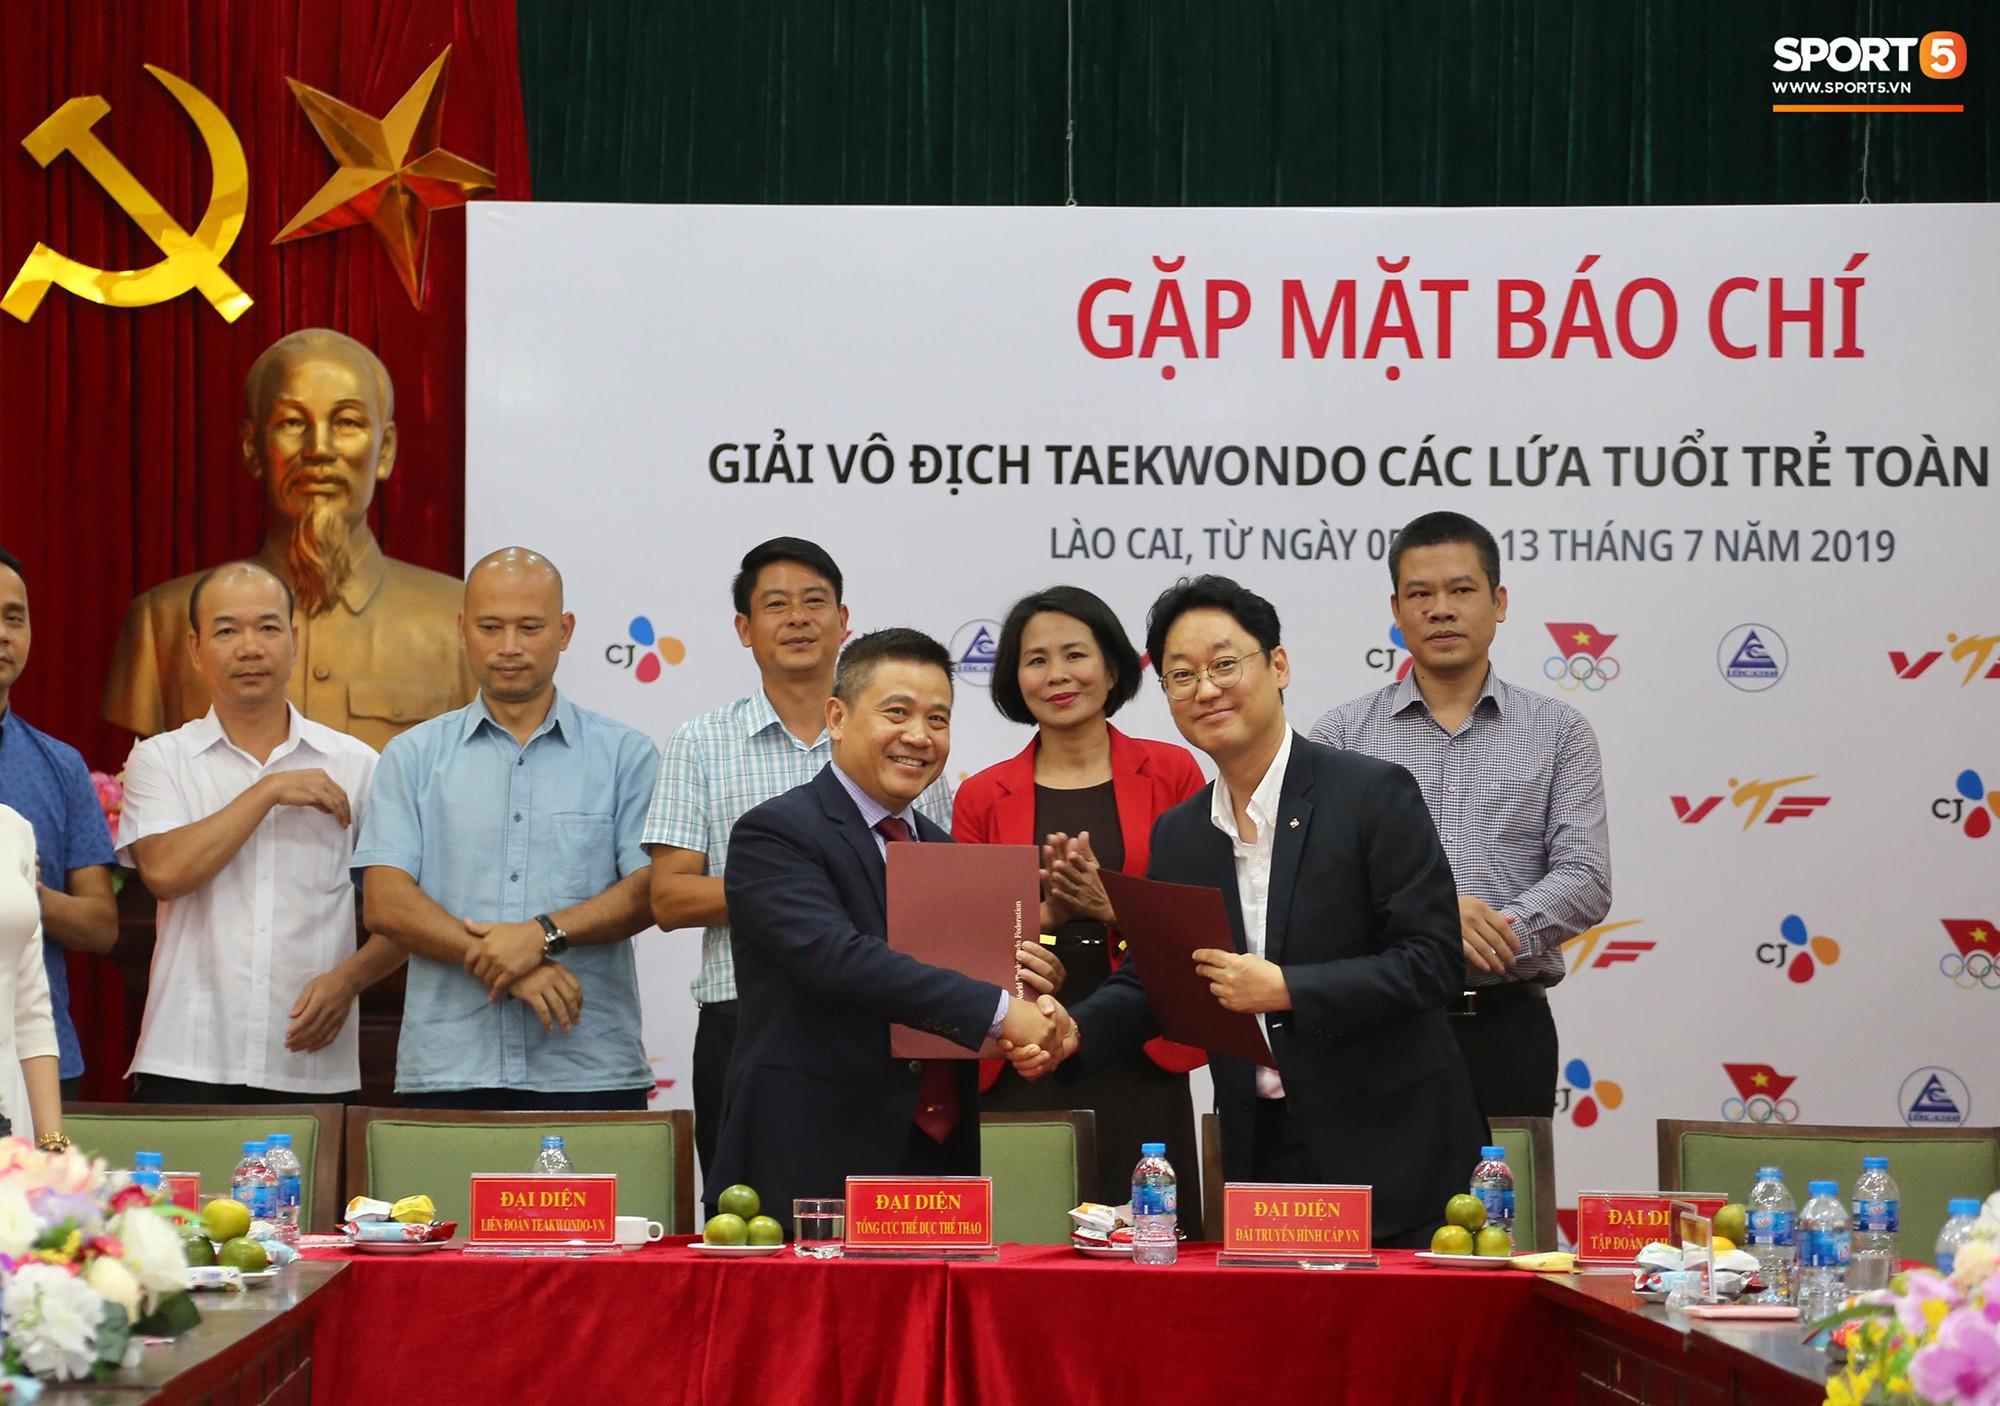 HLV Hàn Quốc trăn trở, quyết đưa Taekwondo Việt Nam tạo kỳ tích tại Olympic và SEA Games  - Ảnh 2.